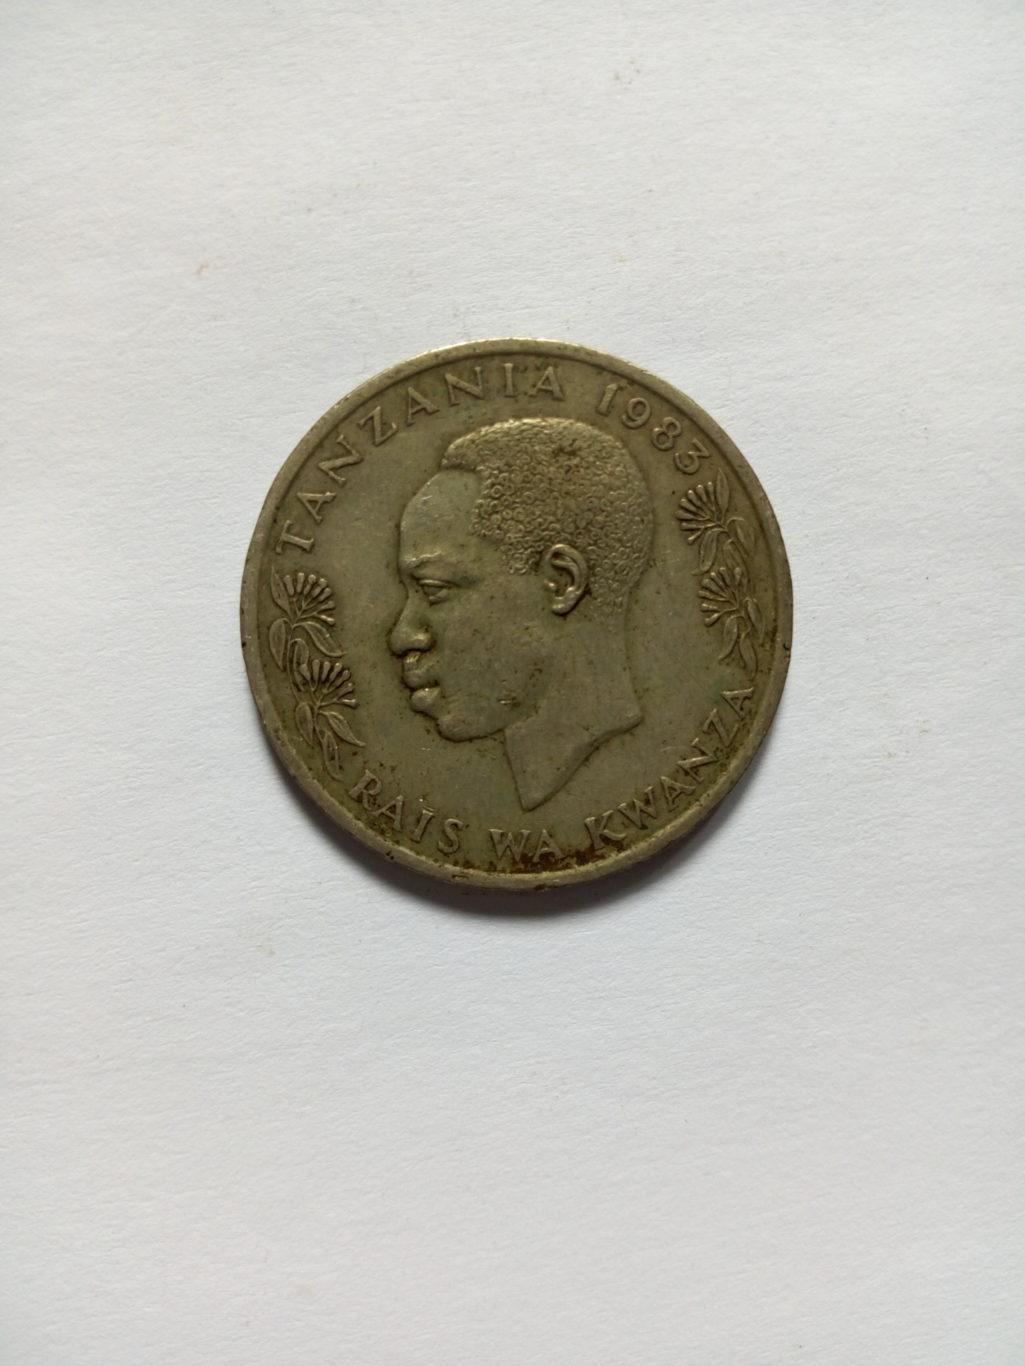 1983_shilingi 1 ya tanzania